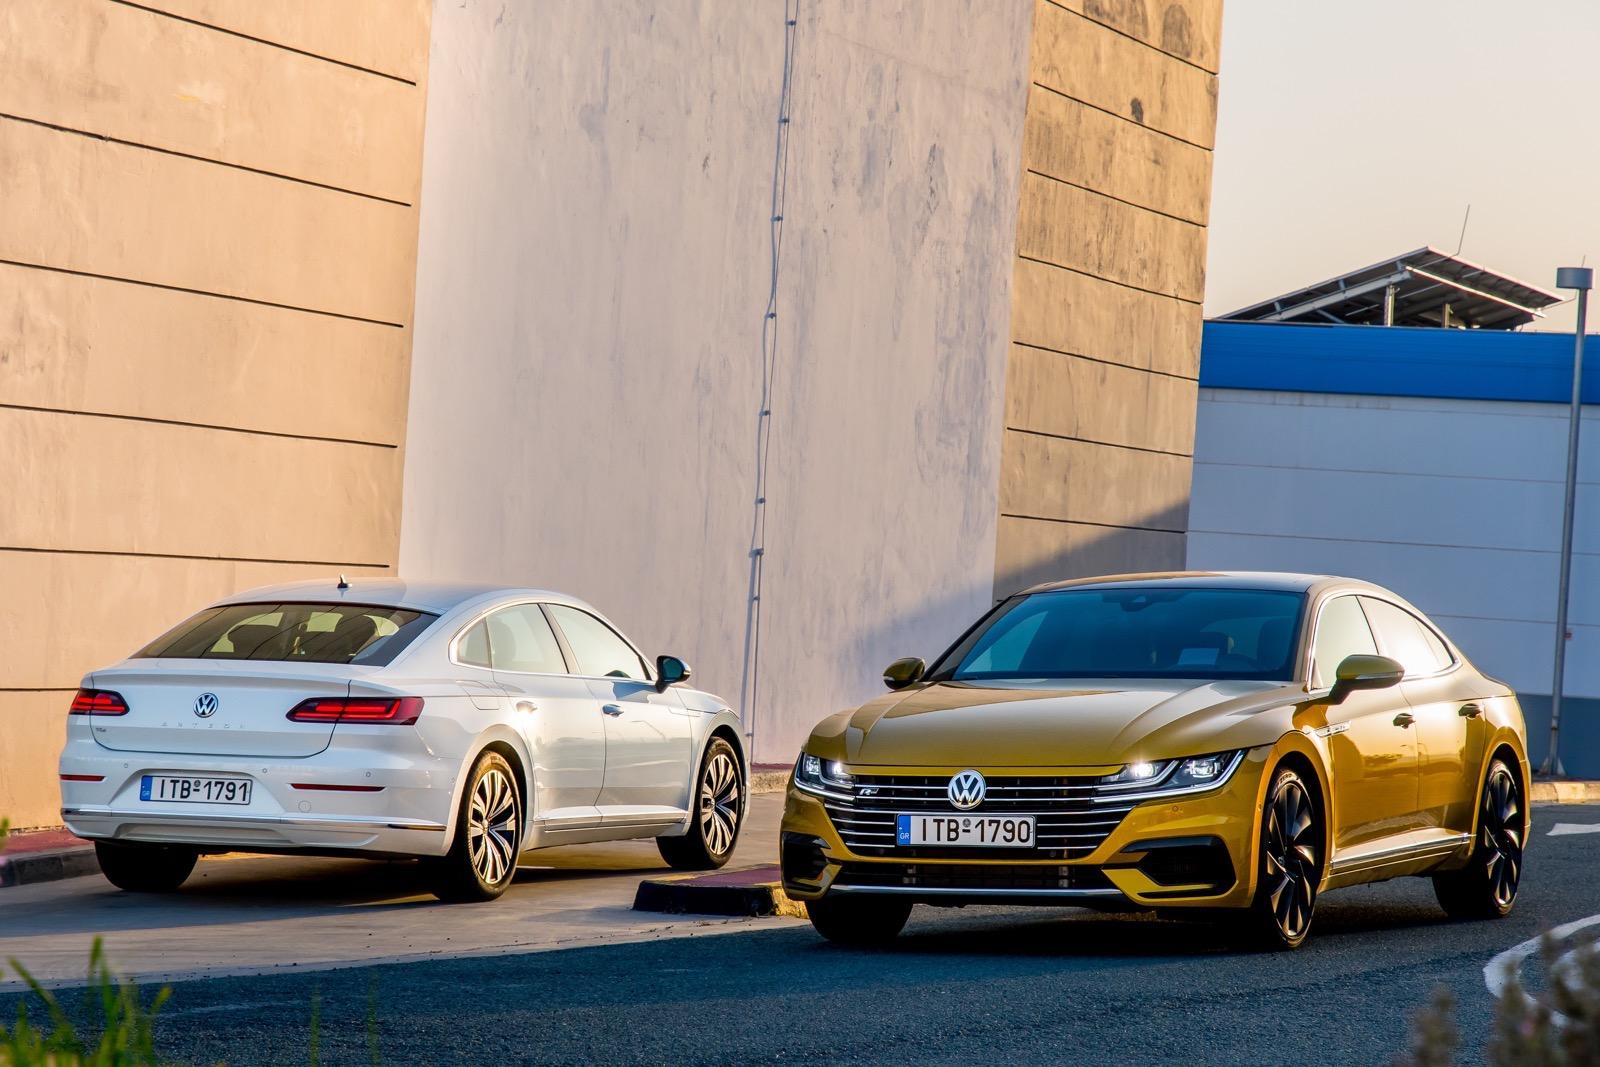 Volkswagen_Arteon_Greek_Presentataion_12